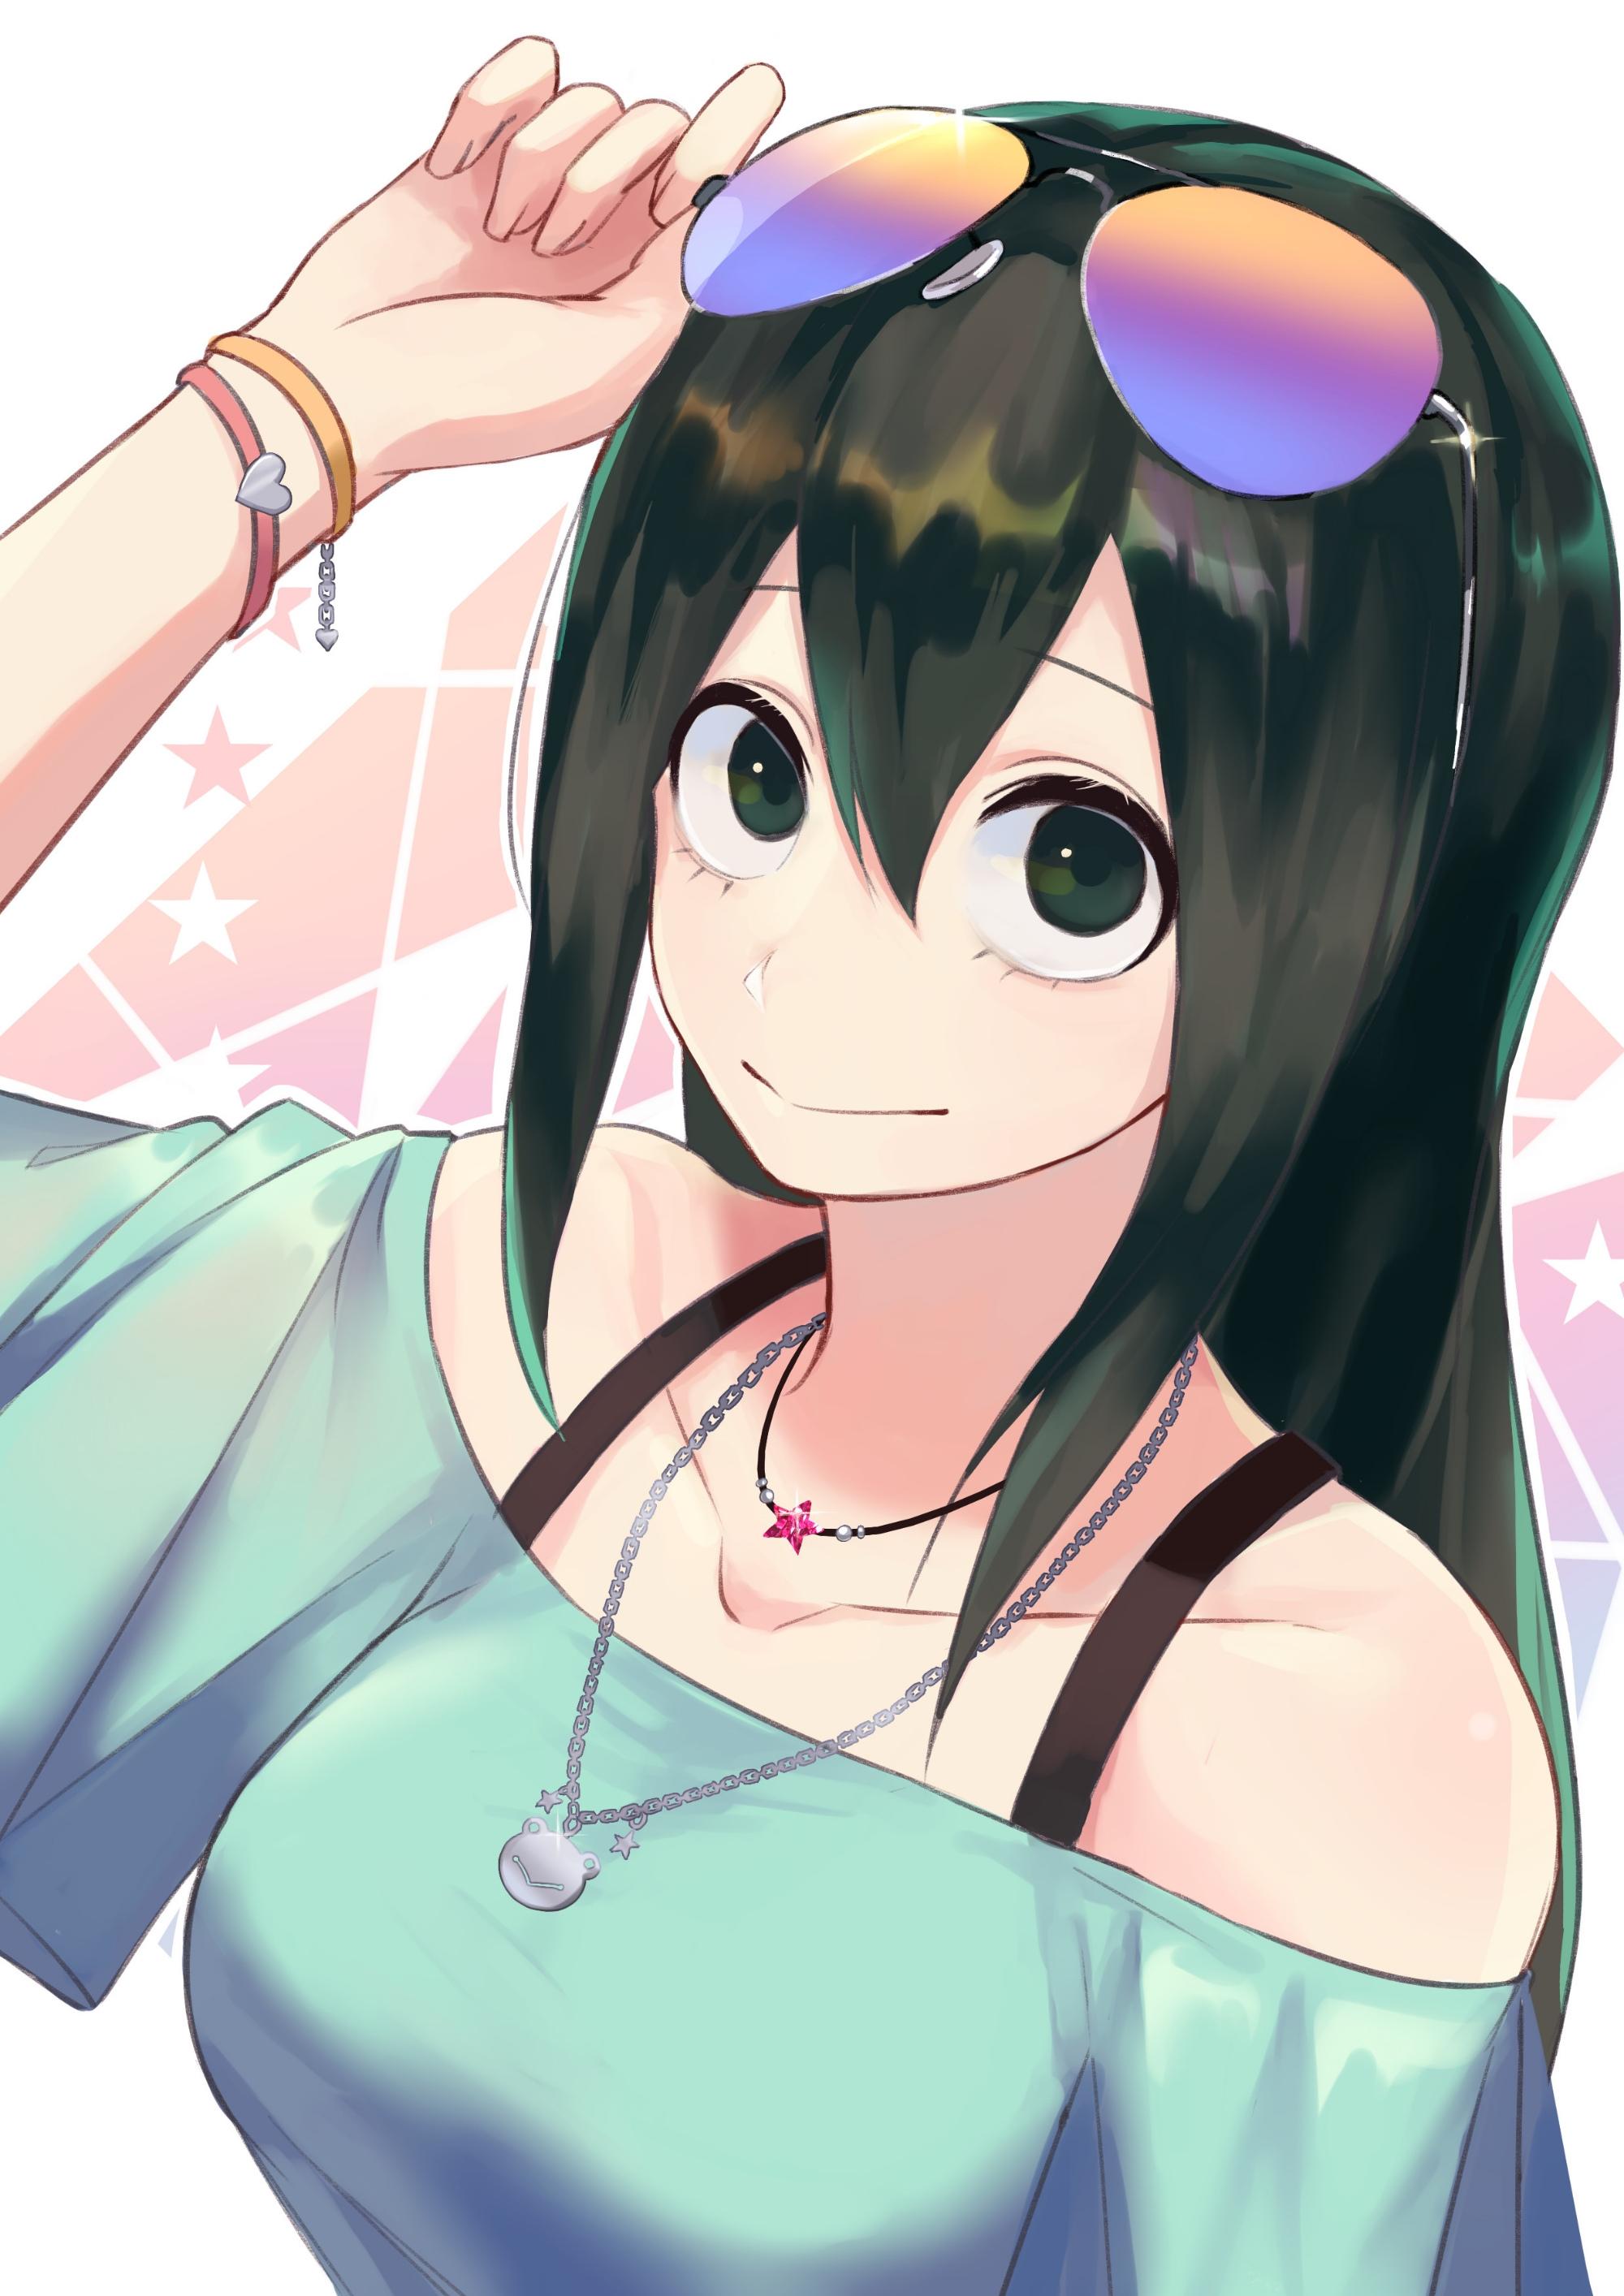 Asui Tsuyu Boku No Hero Academia Zerochan Anime Image Board